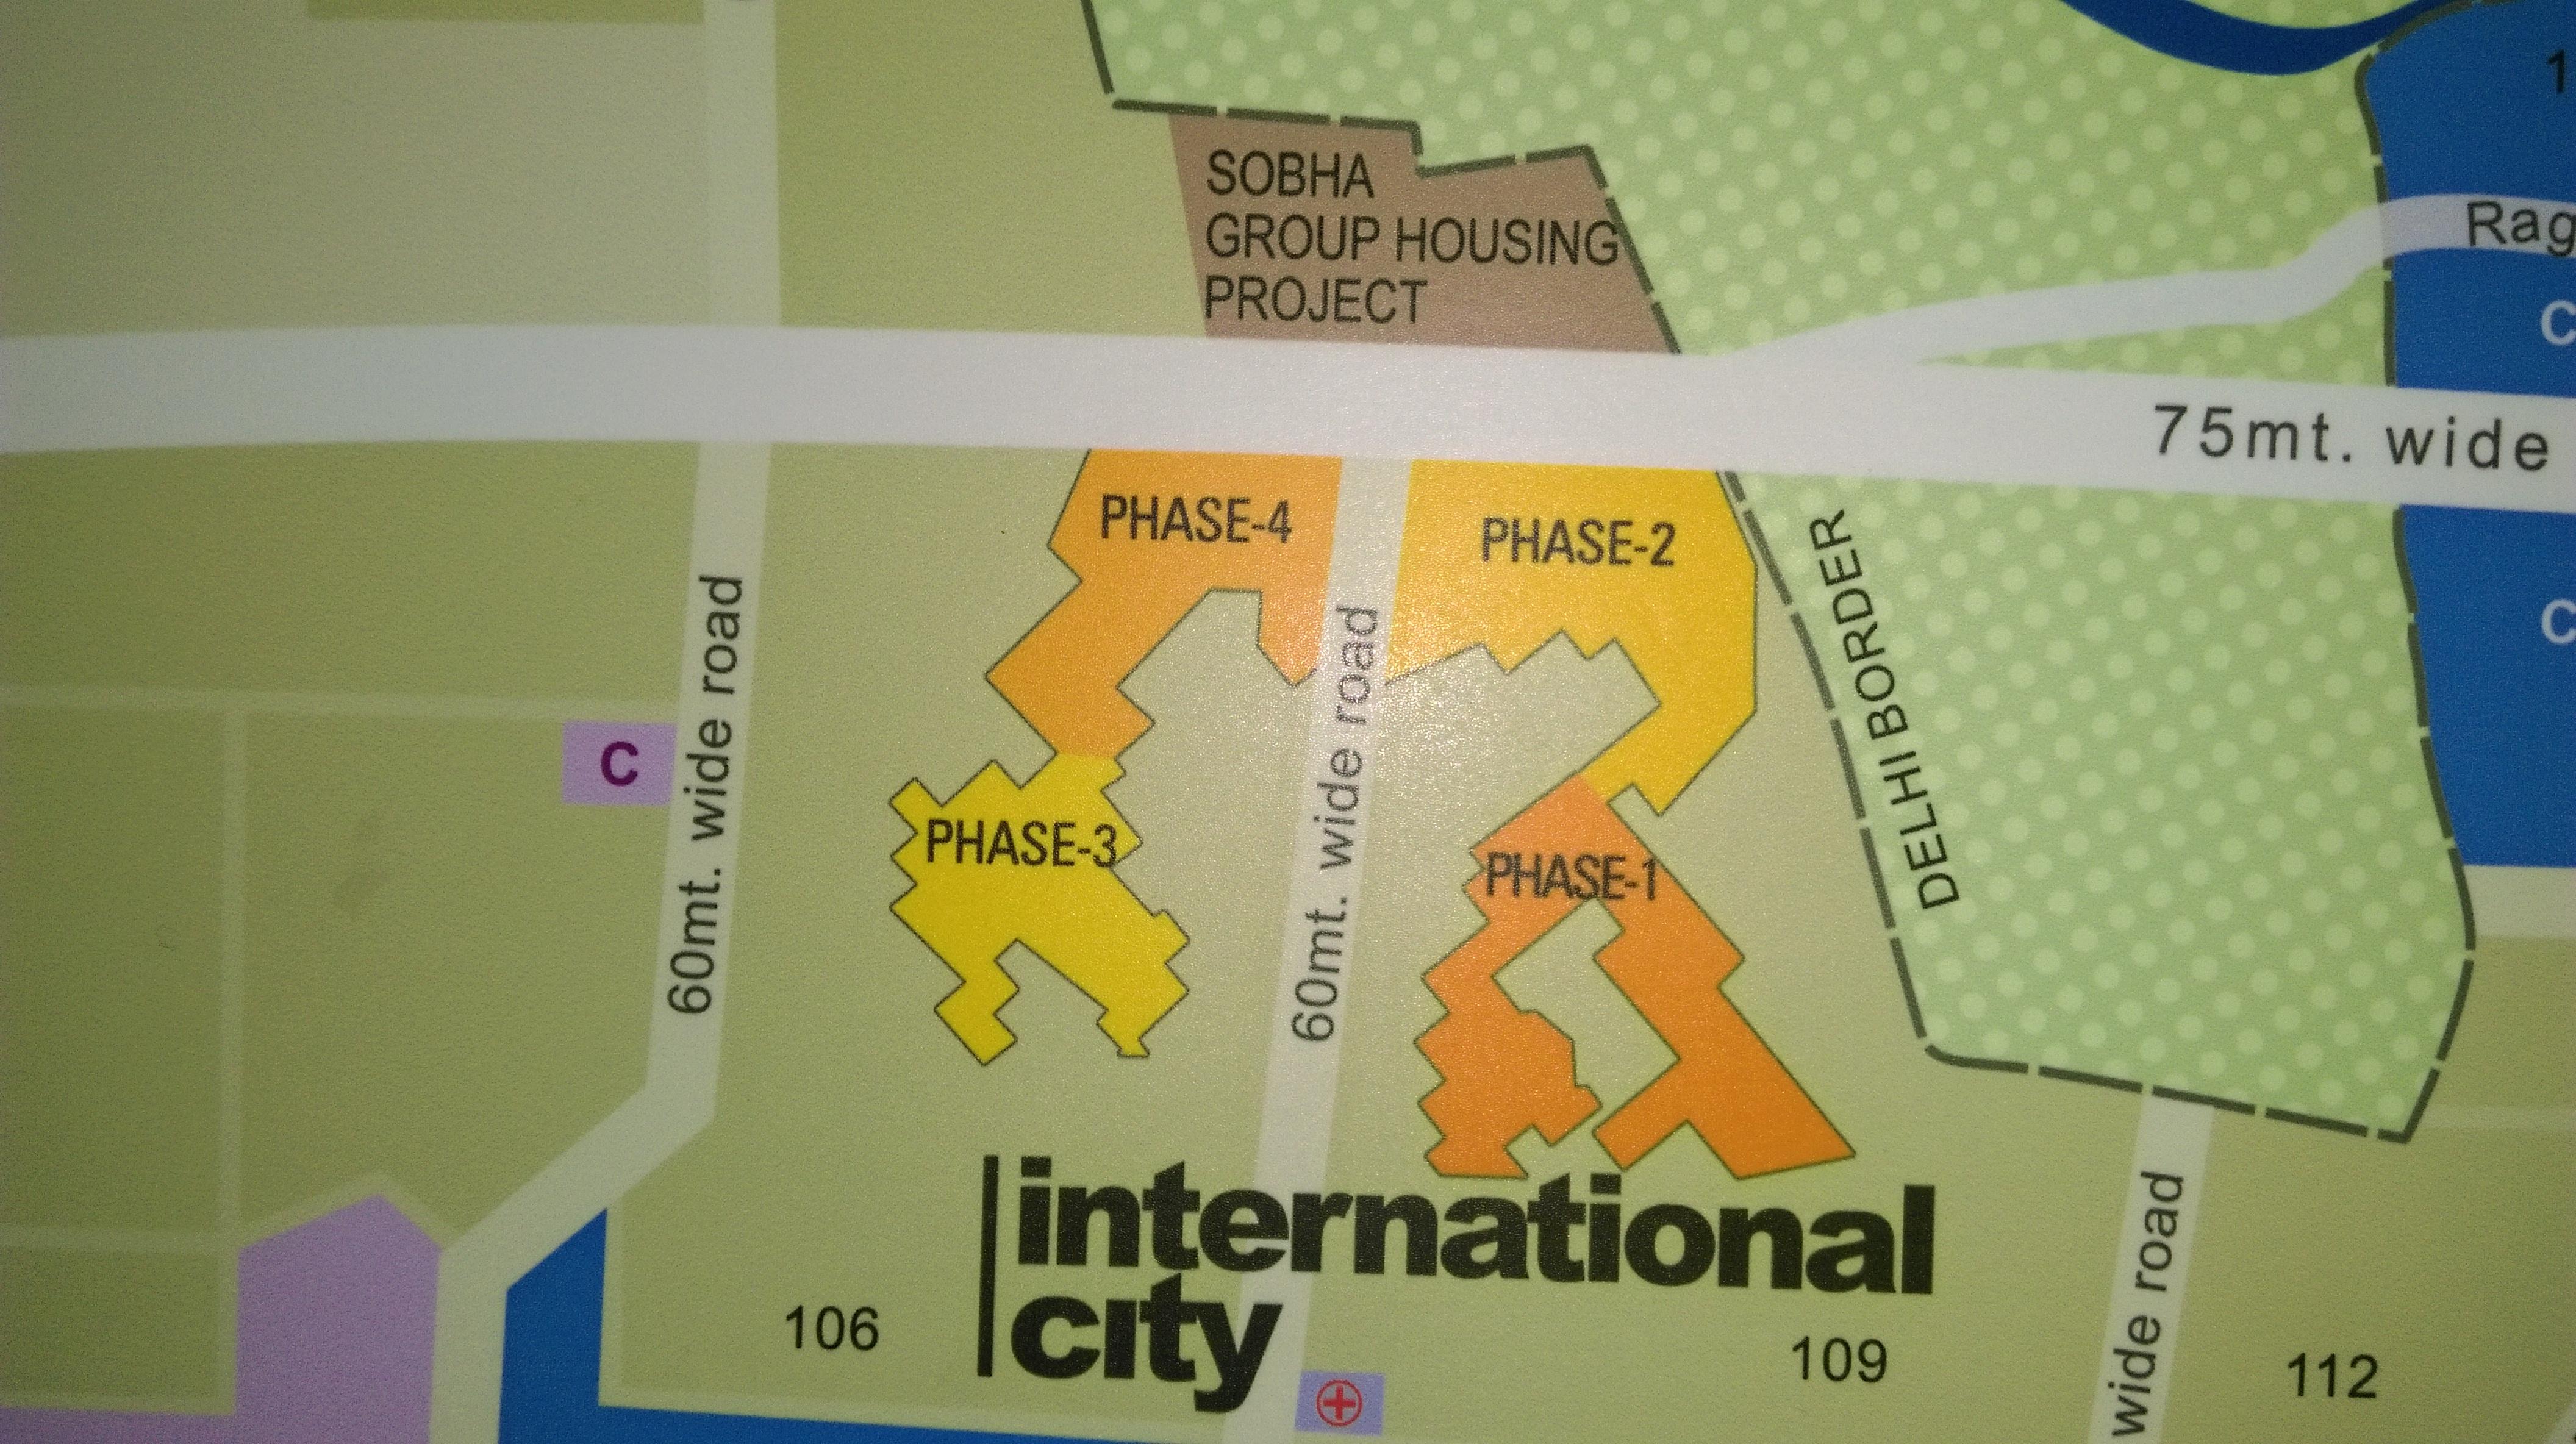 Phased development at Sobha International City